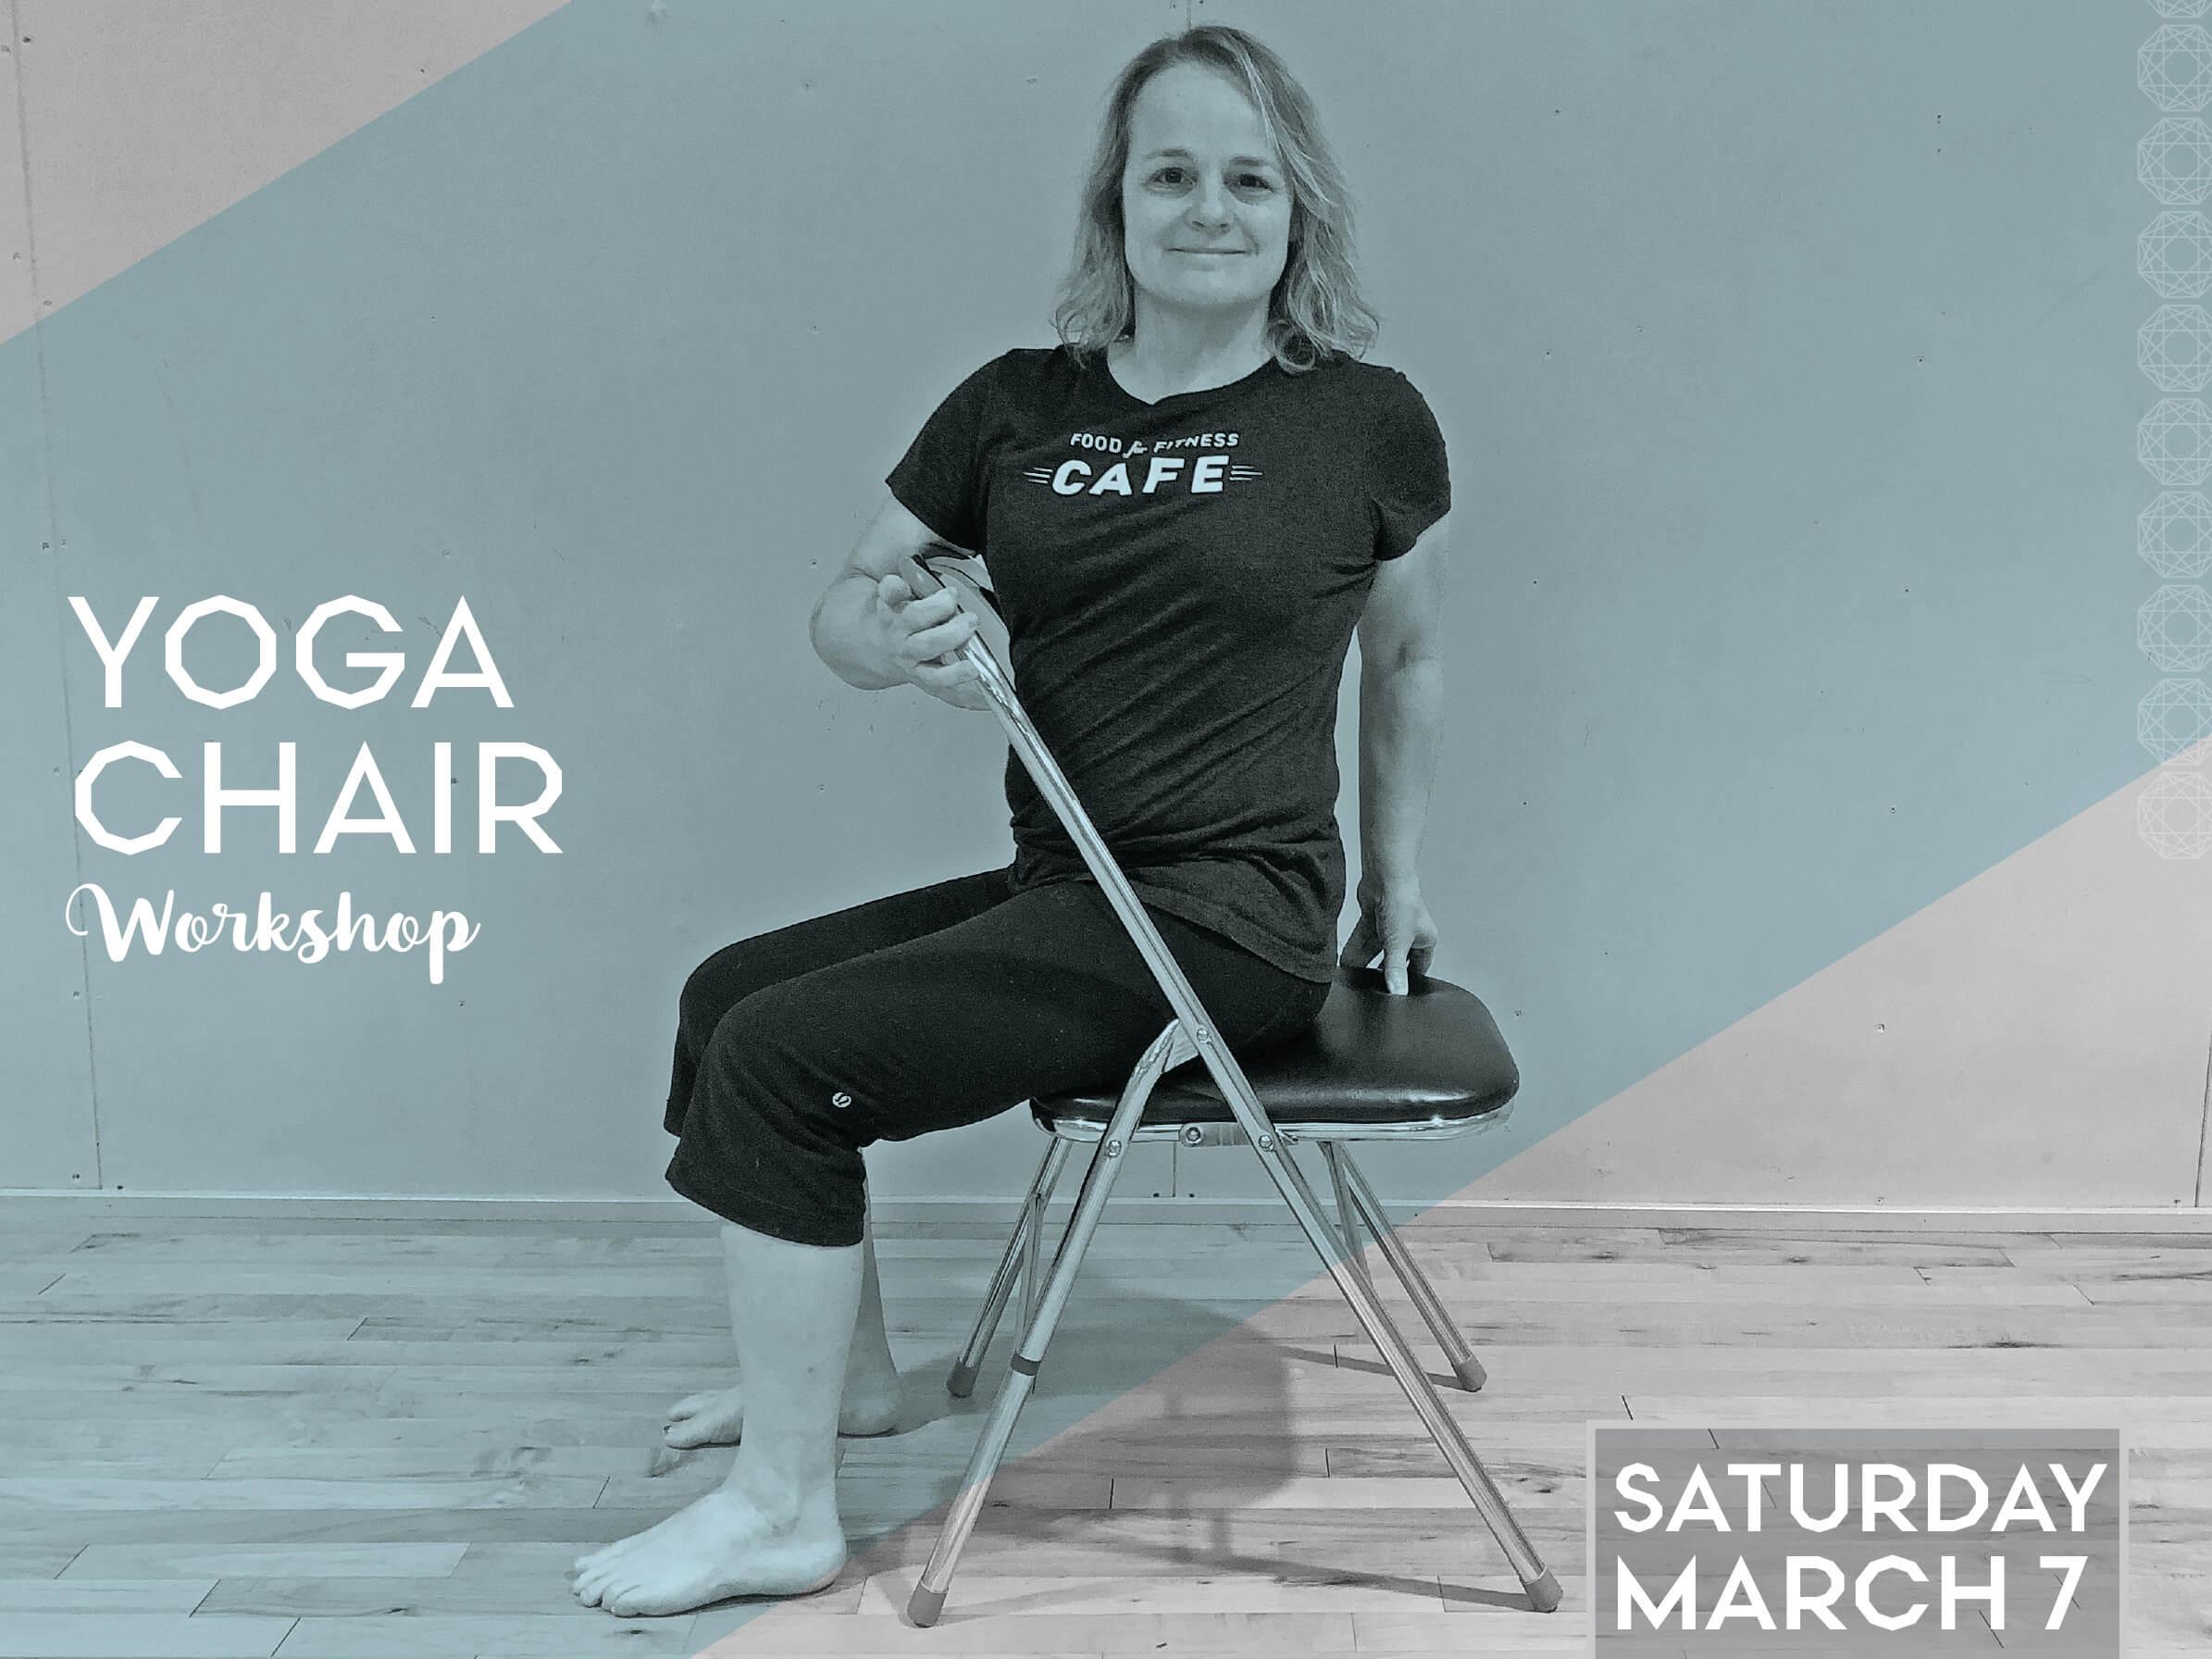 Yoga Chair Workshop